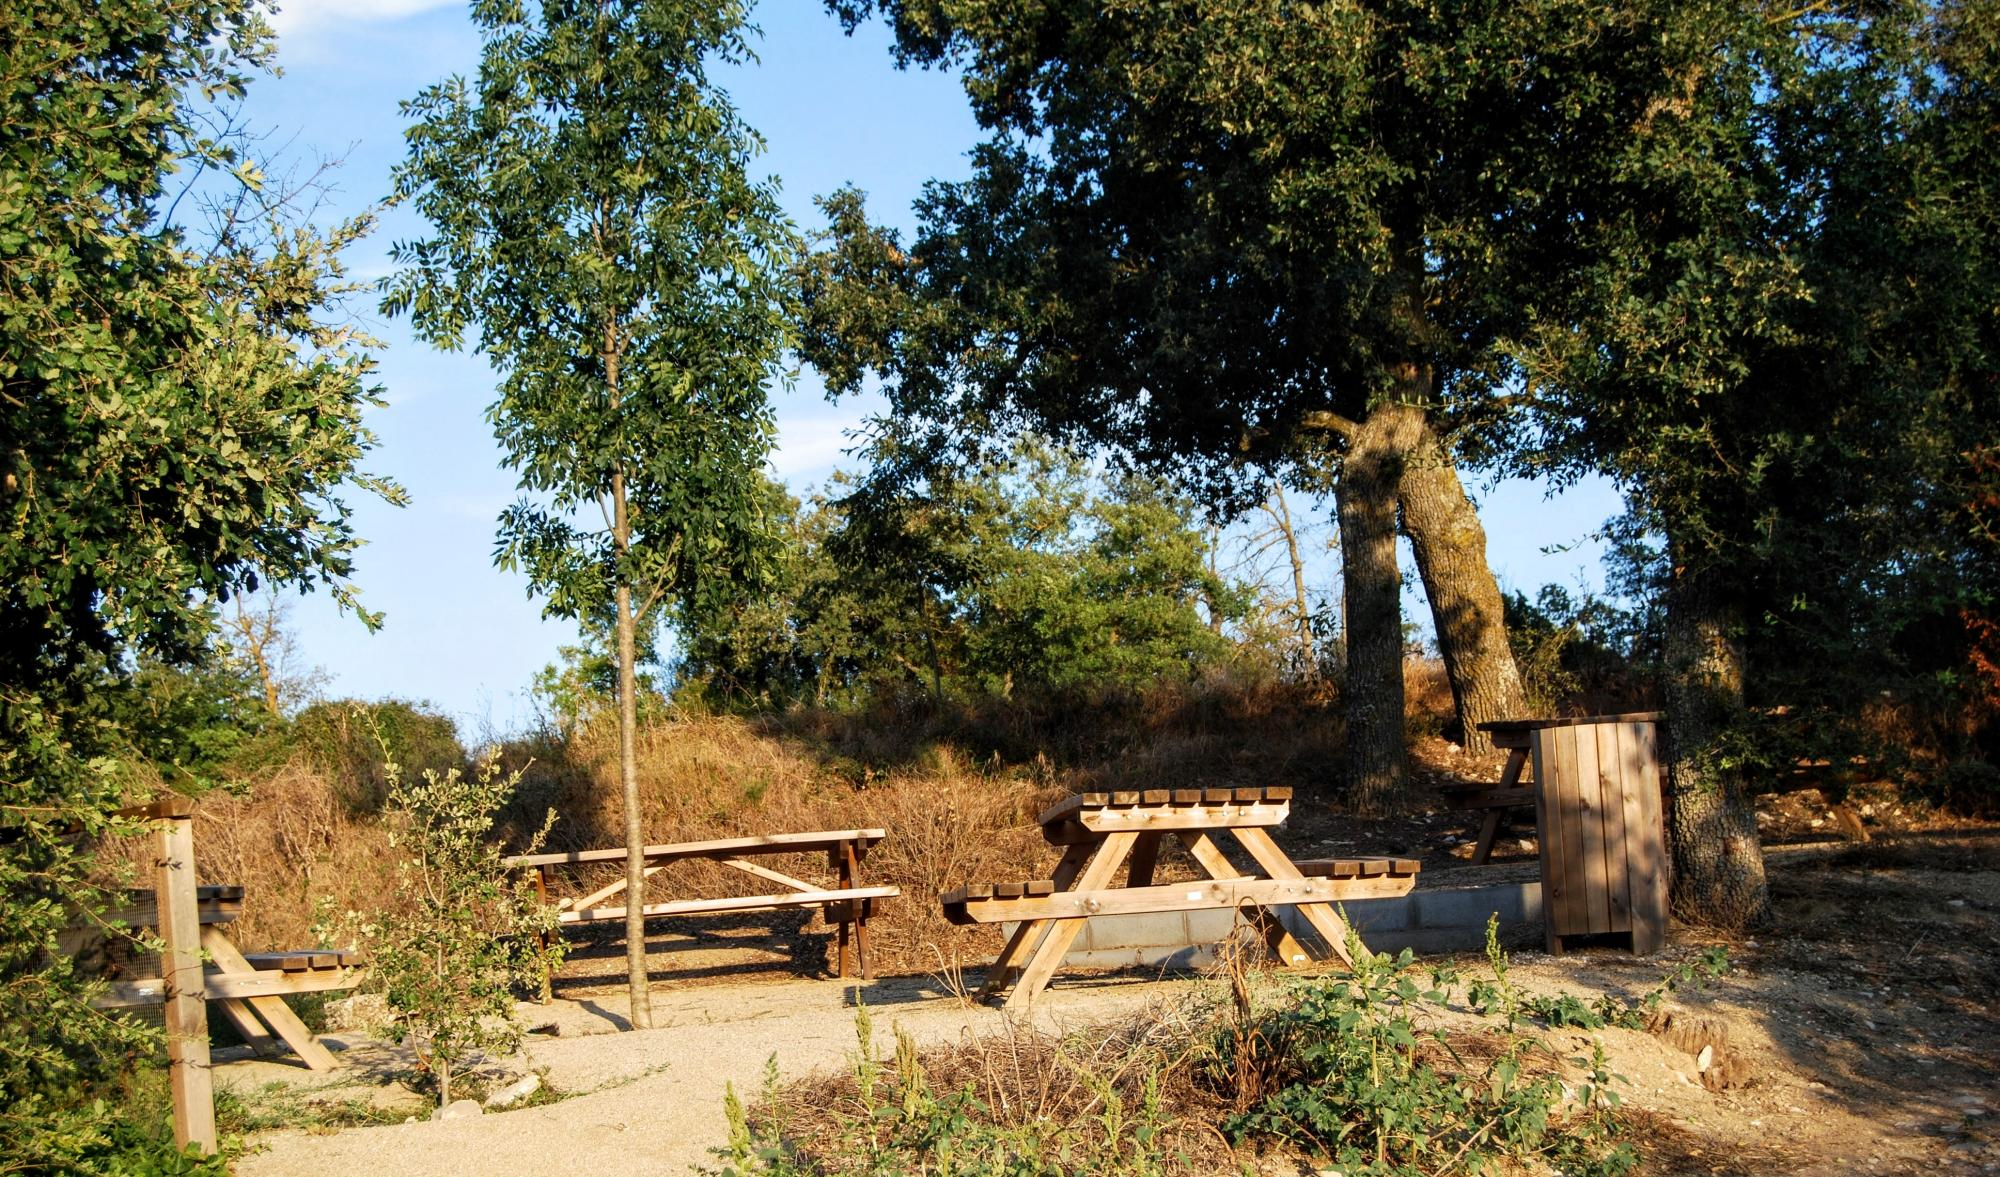 Parque de Pou de Madern